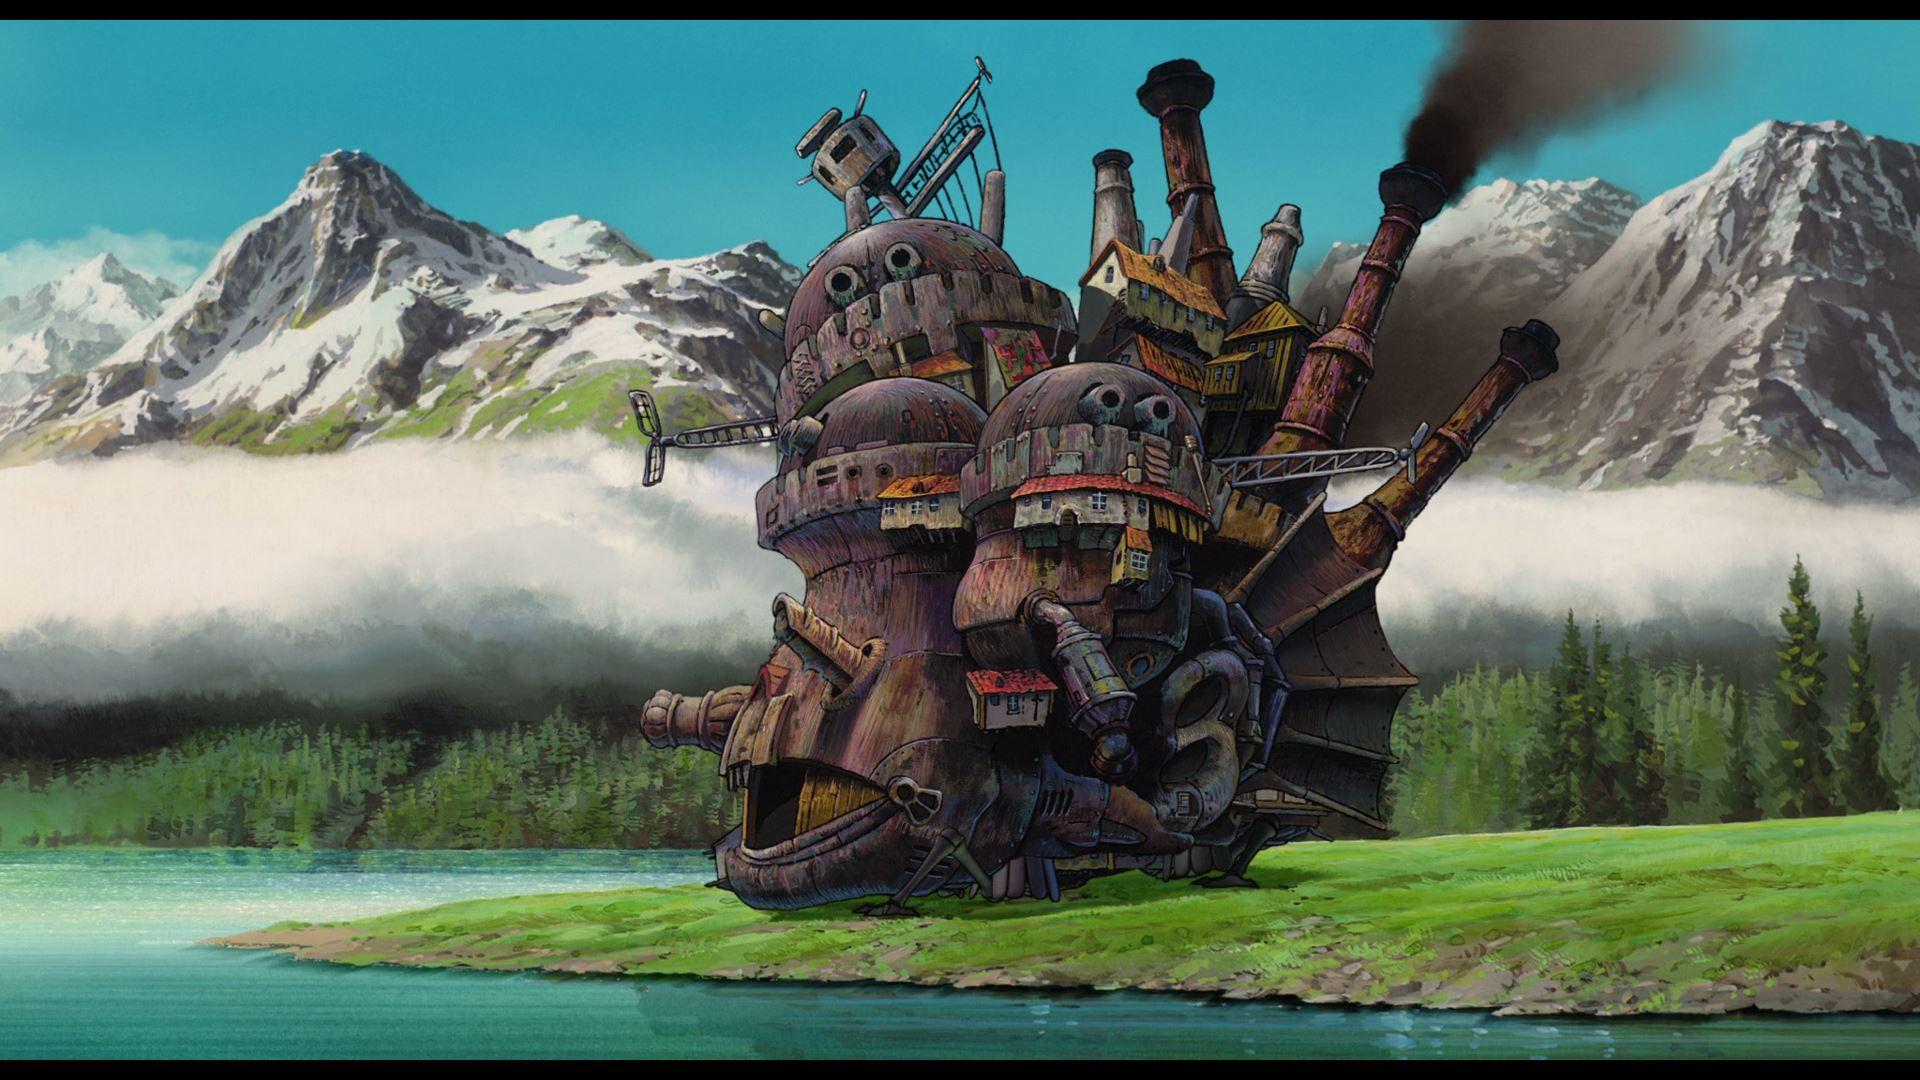 Background Art C Studio Ghibli Le Chateau Ambulant Hauru No Ugoku Shiro Hayao Miyazaki Howls Moving Castle Howls Moving Castle Wallpaper Studio Ghibli